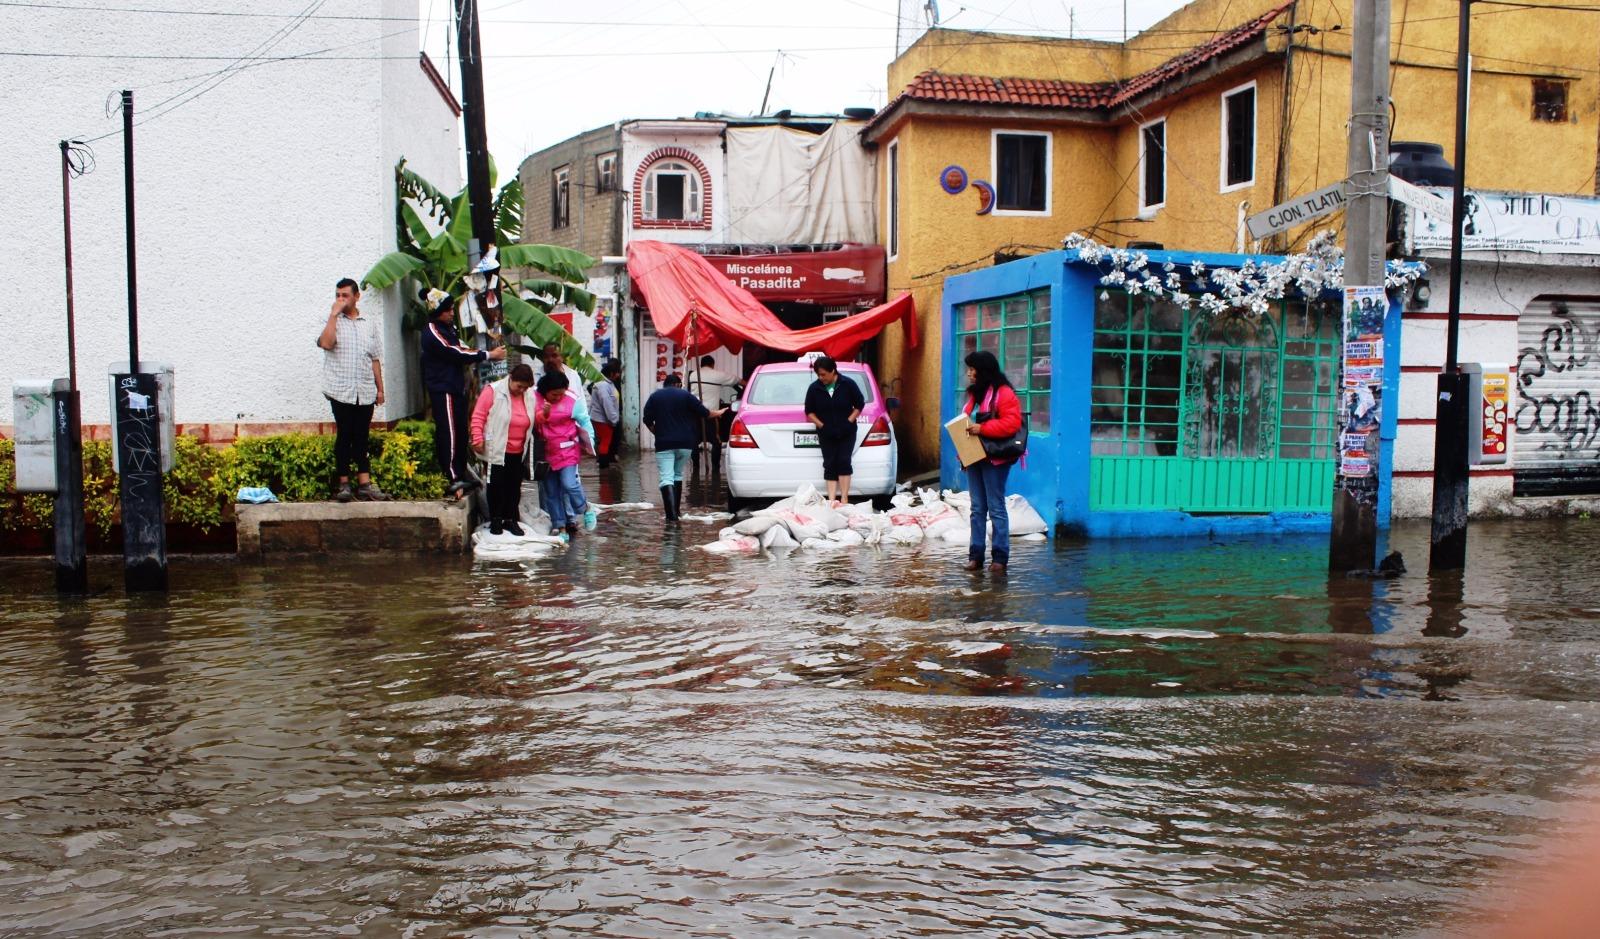 XOCHIMILCO PREPARADA PARA EVITAR DESASTRES Y RIESGOS EN TEMPORADA DE LLUVIAS